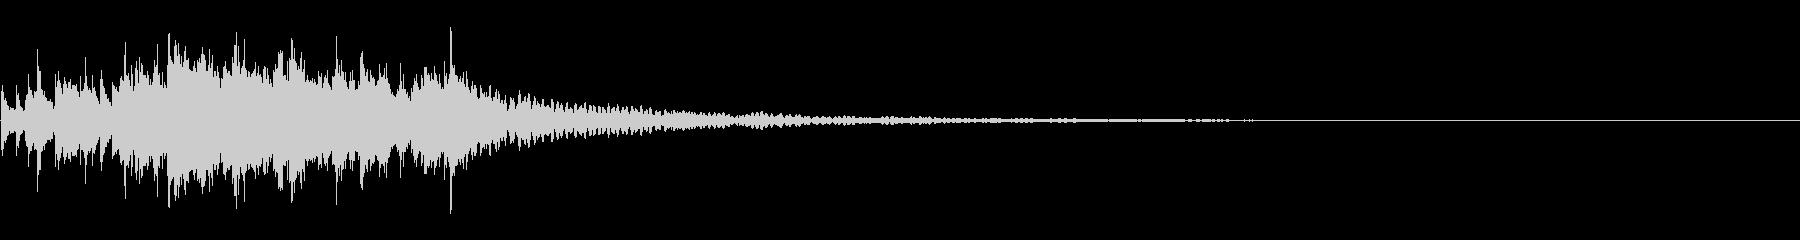 マジカルチャイムアンドベル、コメデ...の未再生の波形